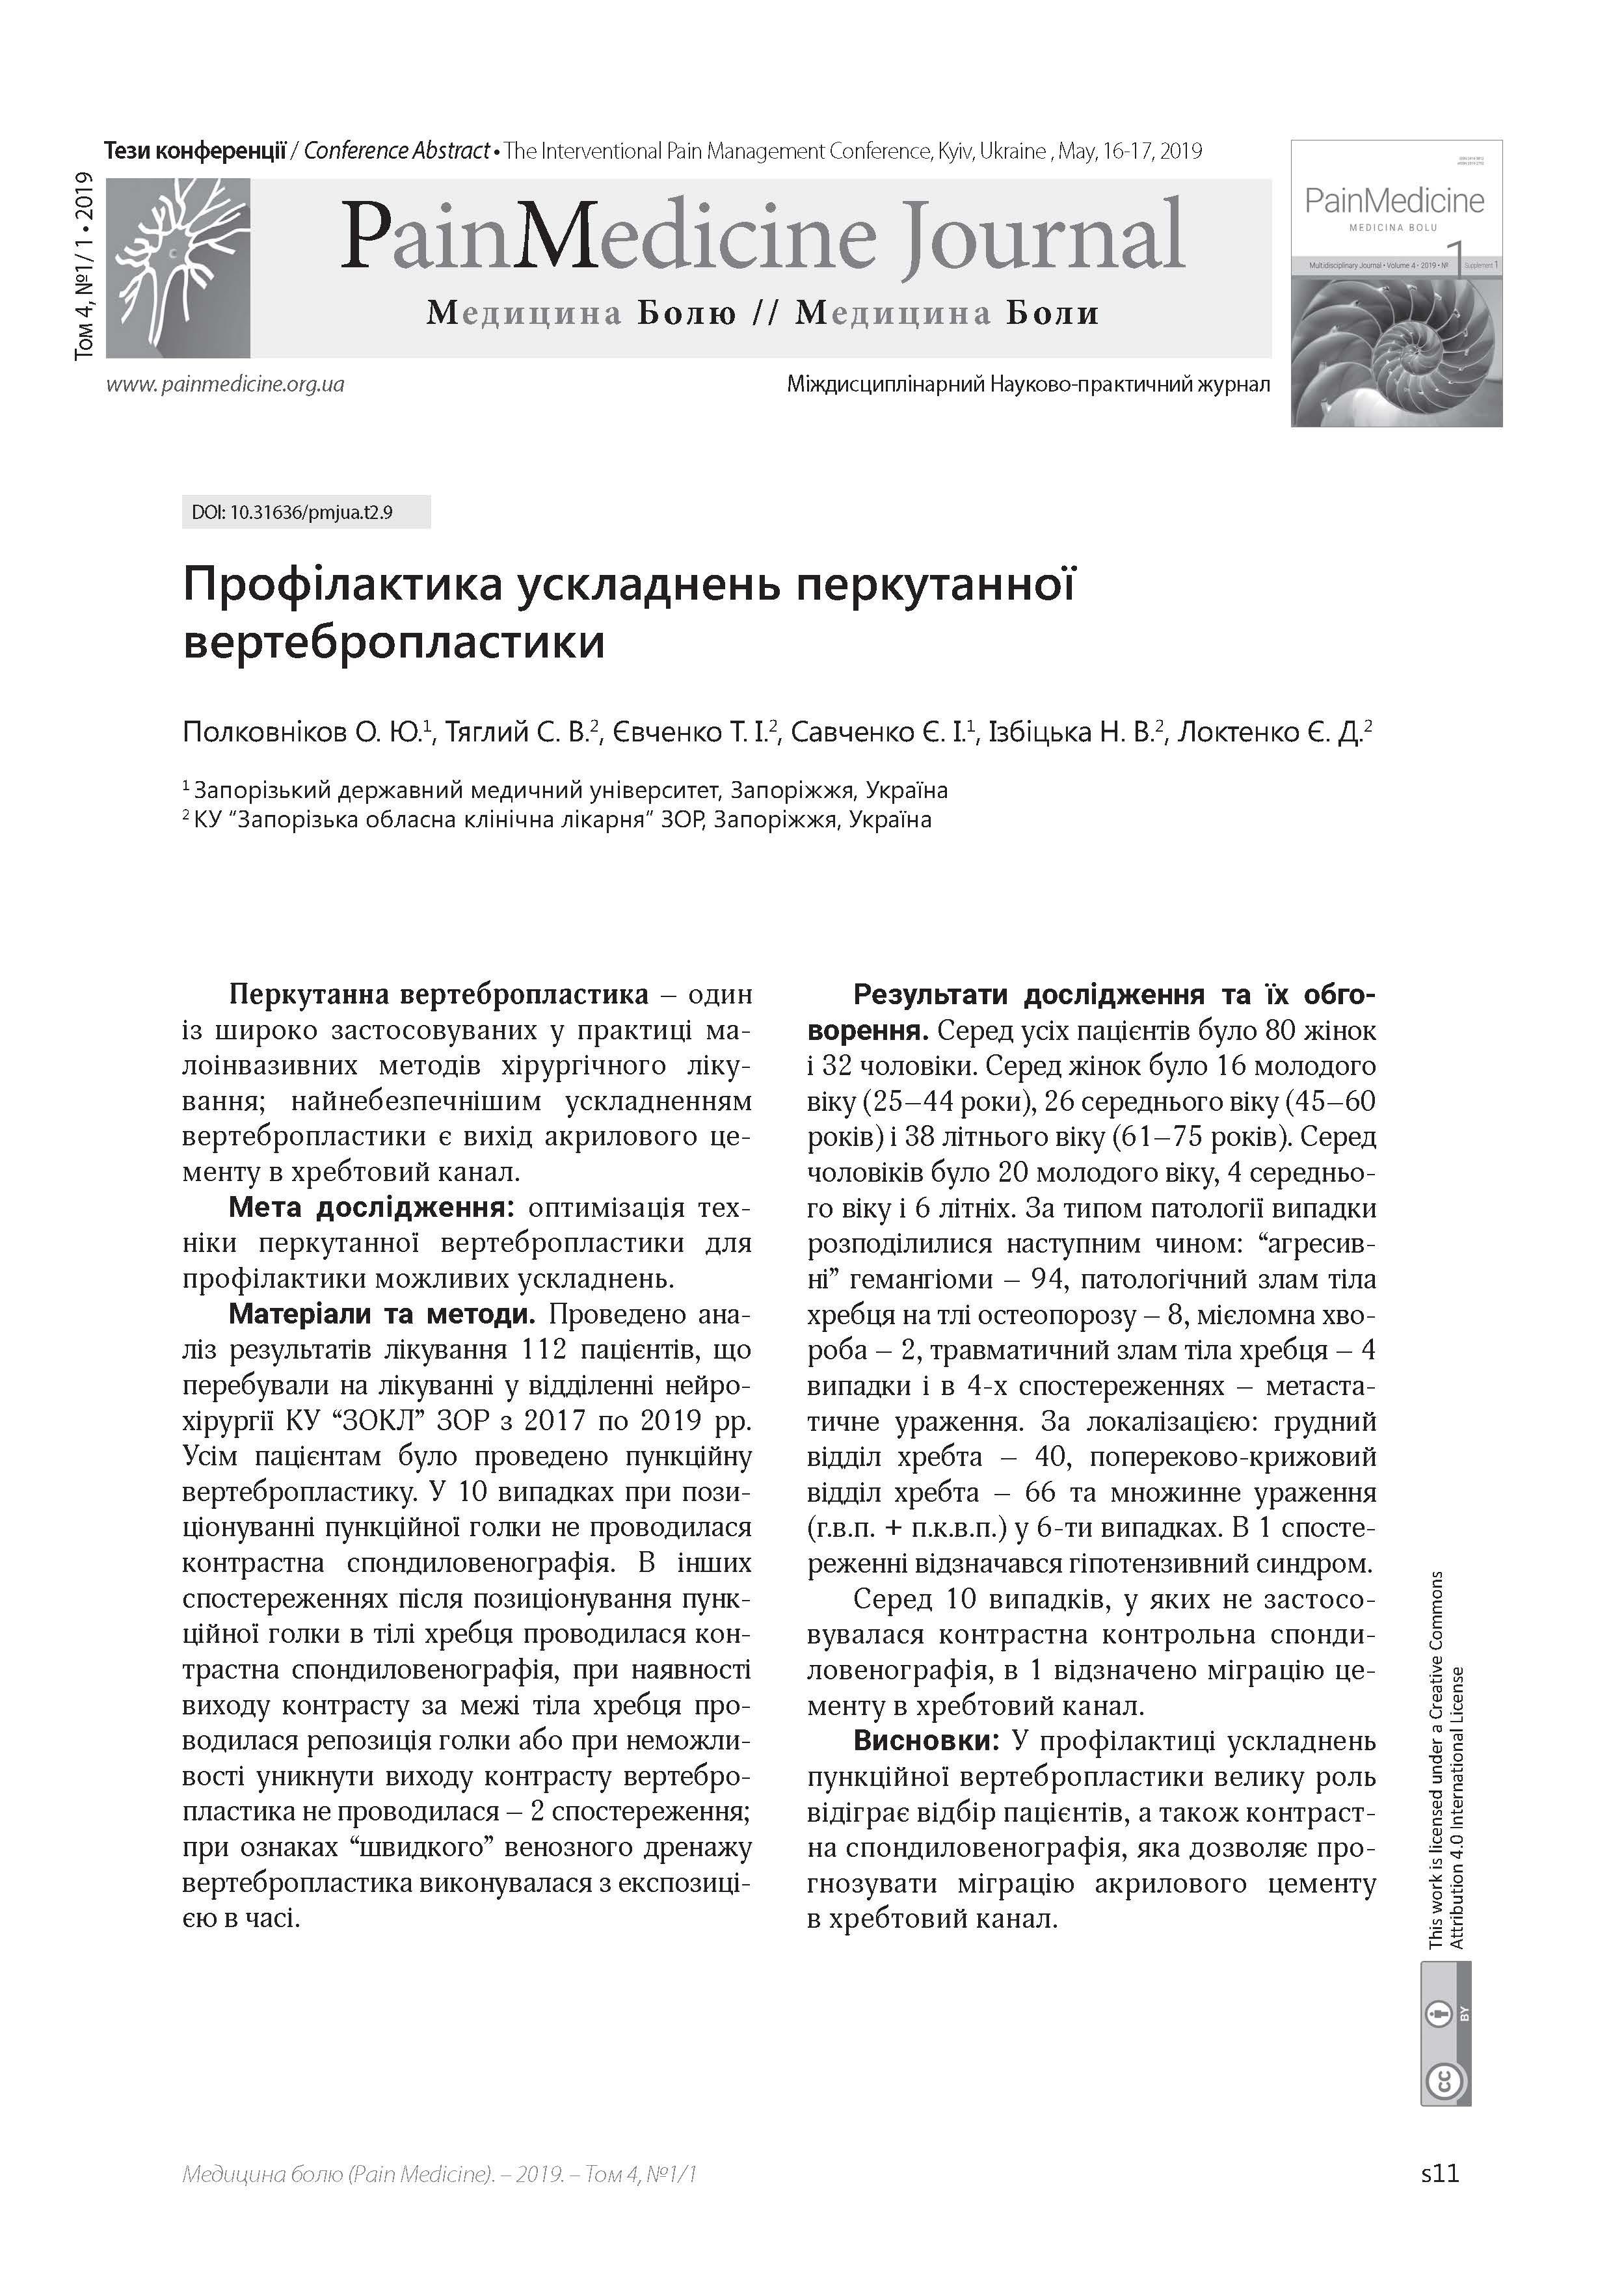 Профілактика ускладнень перкутанної вертебропластики